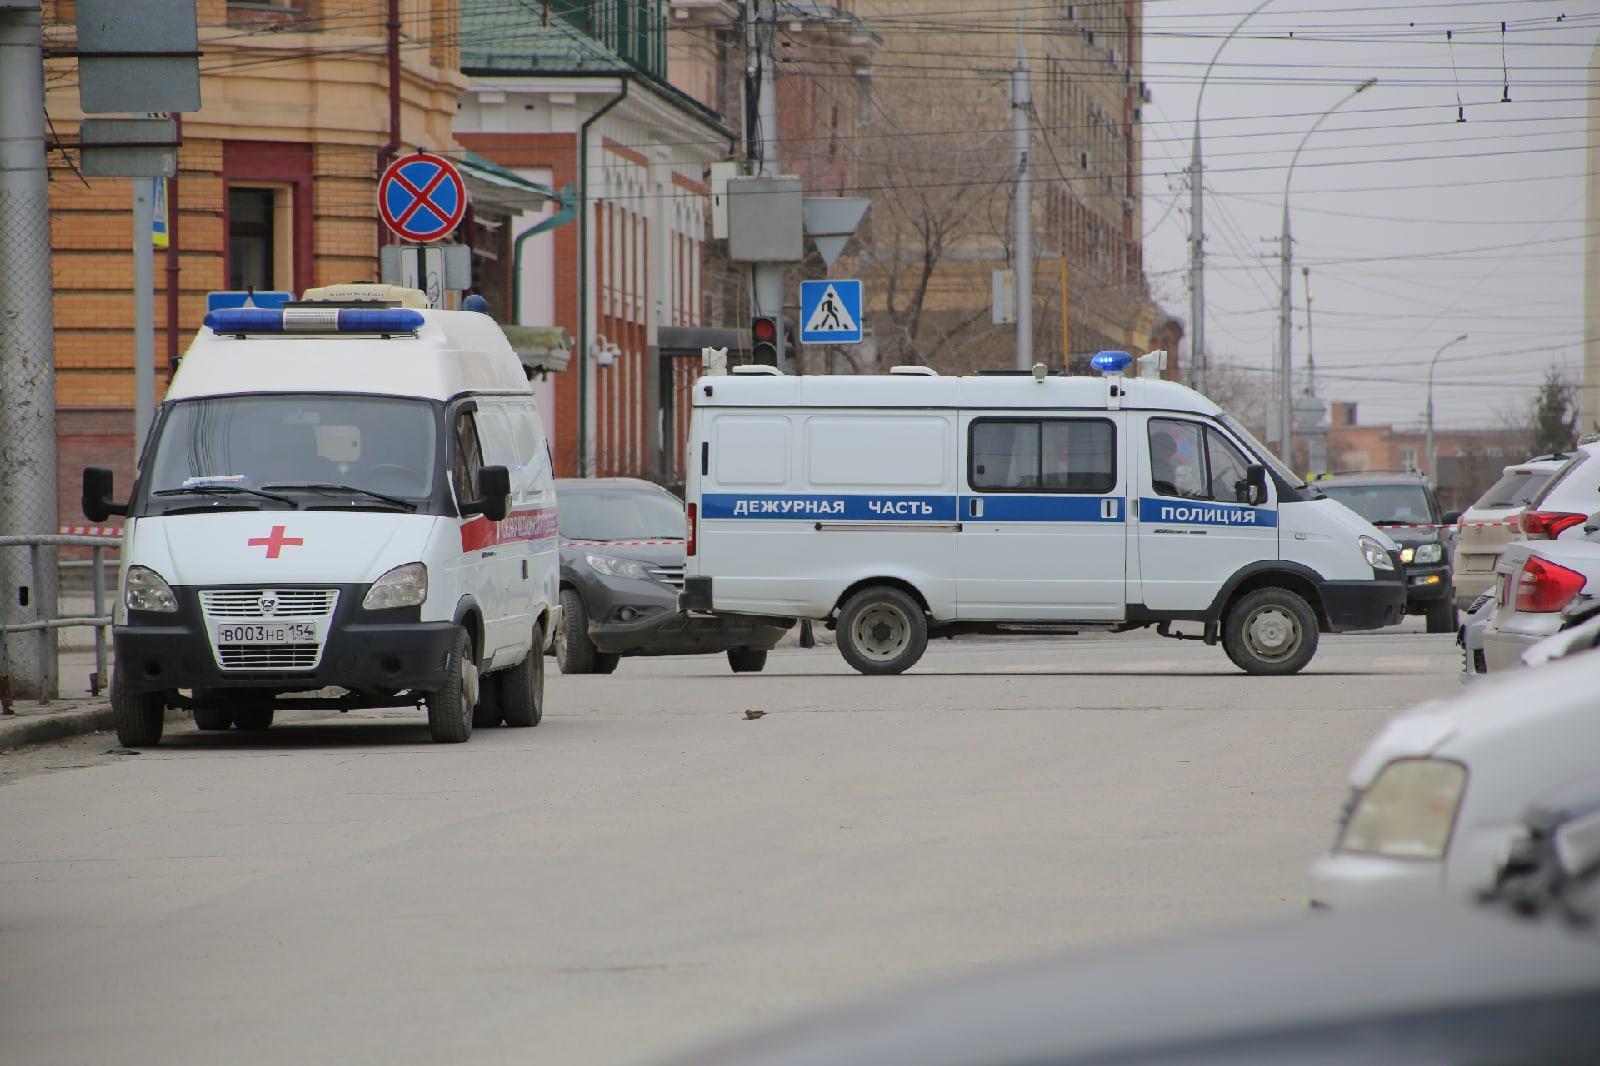 фото Учителям разрешили вернуться в школу после эвакуации в Новосибирске 4